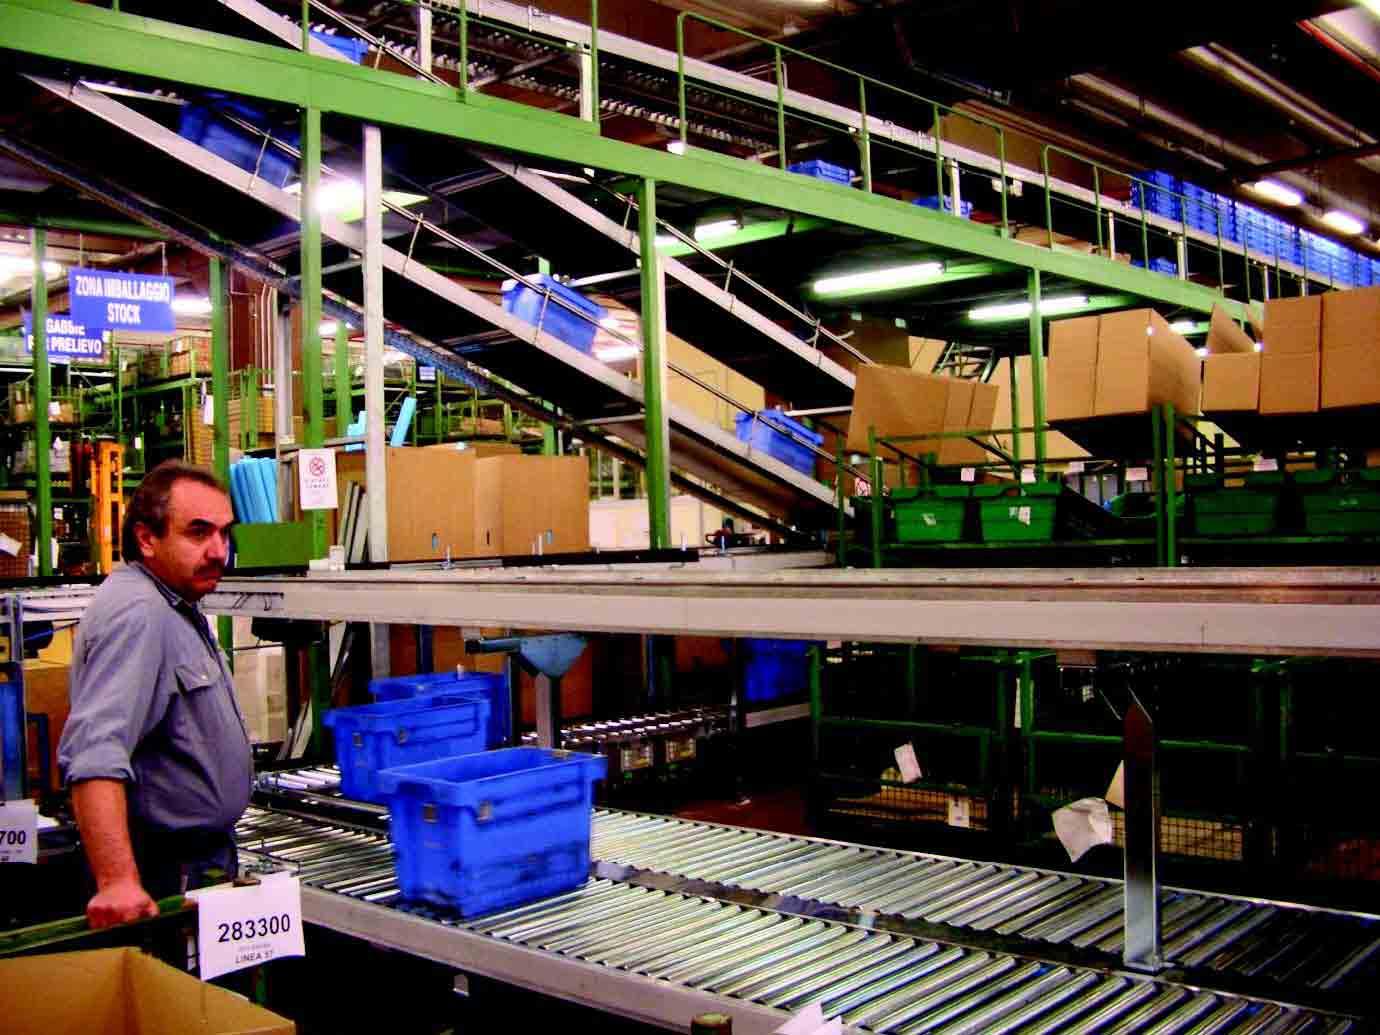 Новый успешный проект на базе SCADA-пакета PcVue – система автоматизации логистического центра по доставке запасных частей для автомобилей крупного немецкого производителя